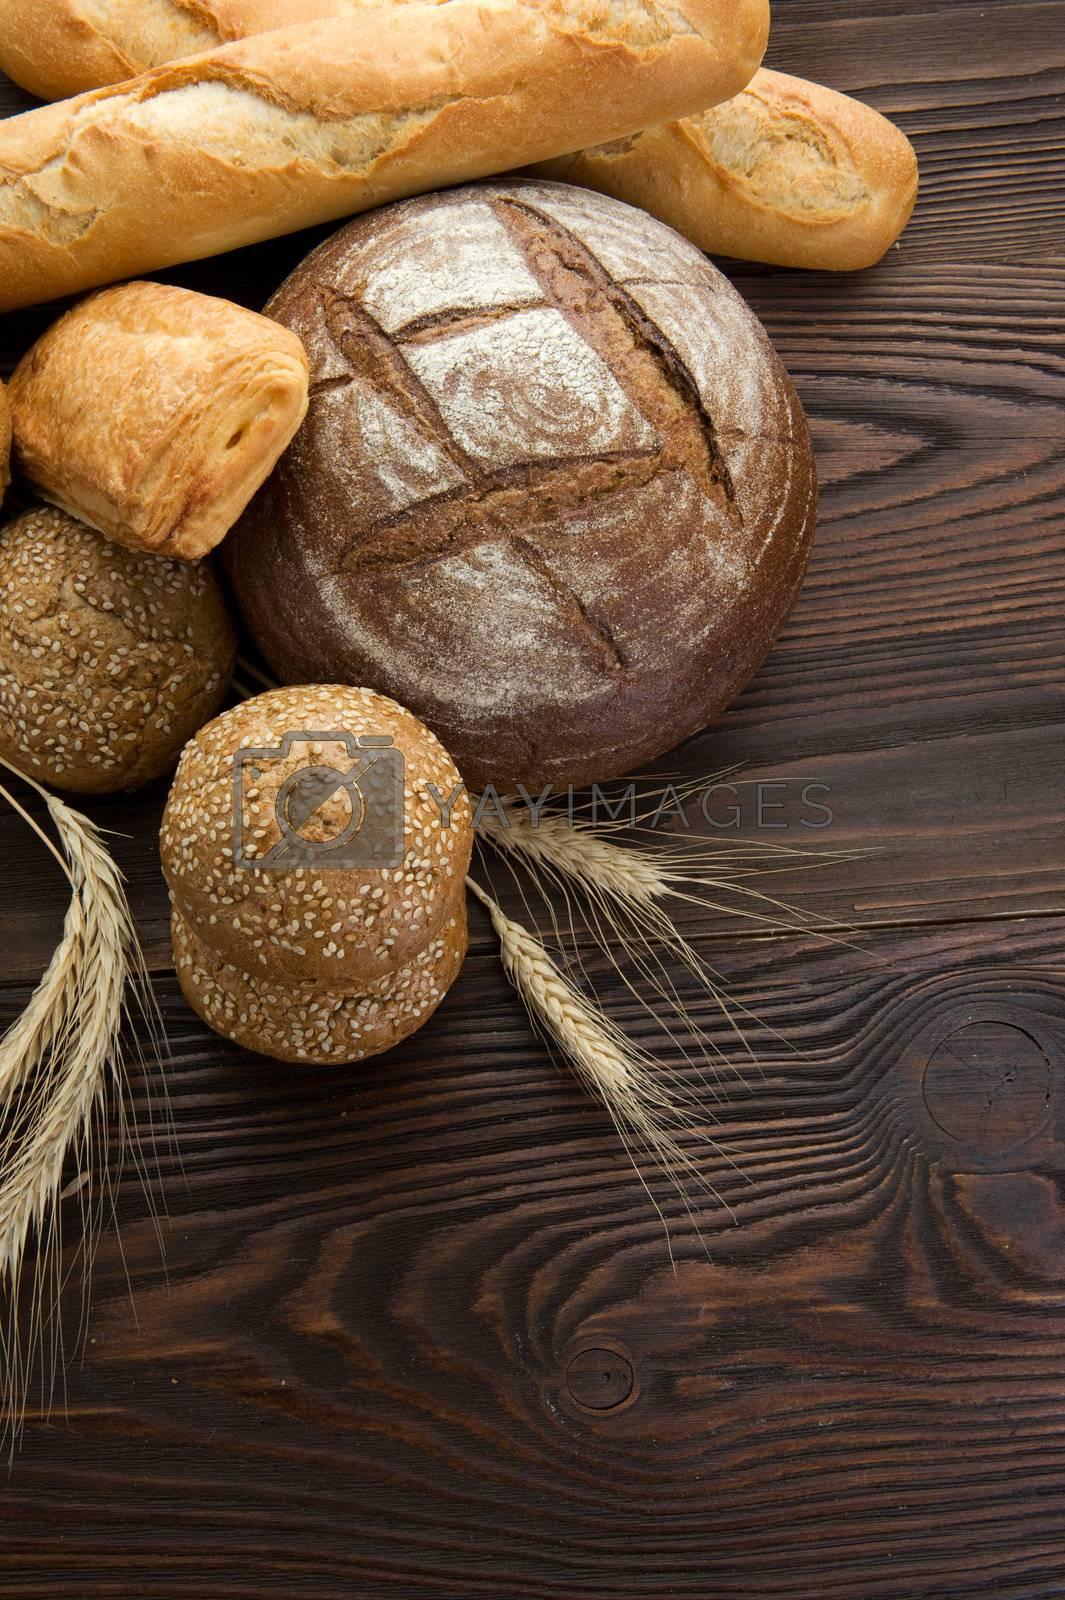 Beautiful Bakery Bread Border by Subbotina Anna